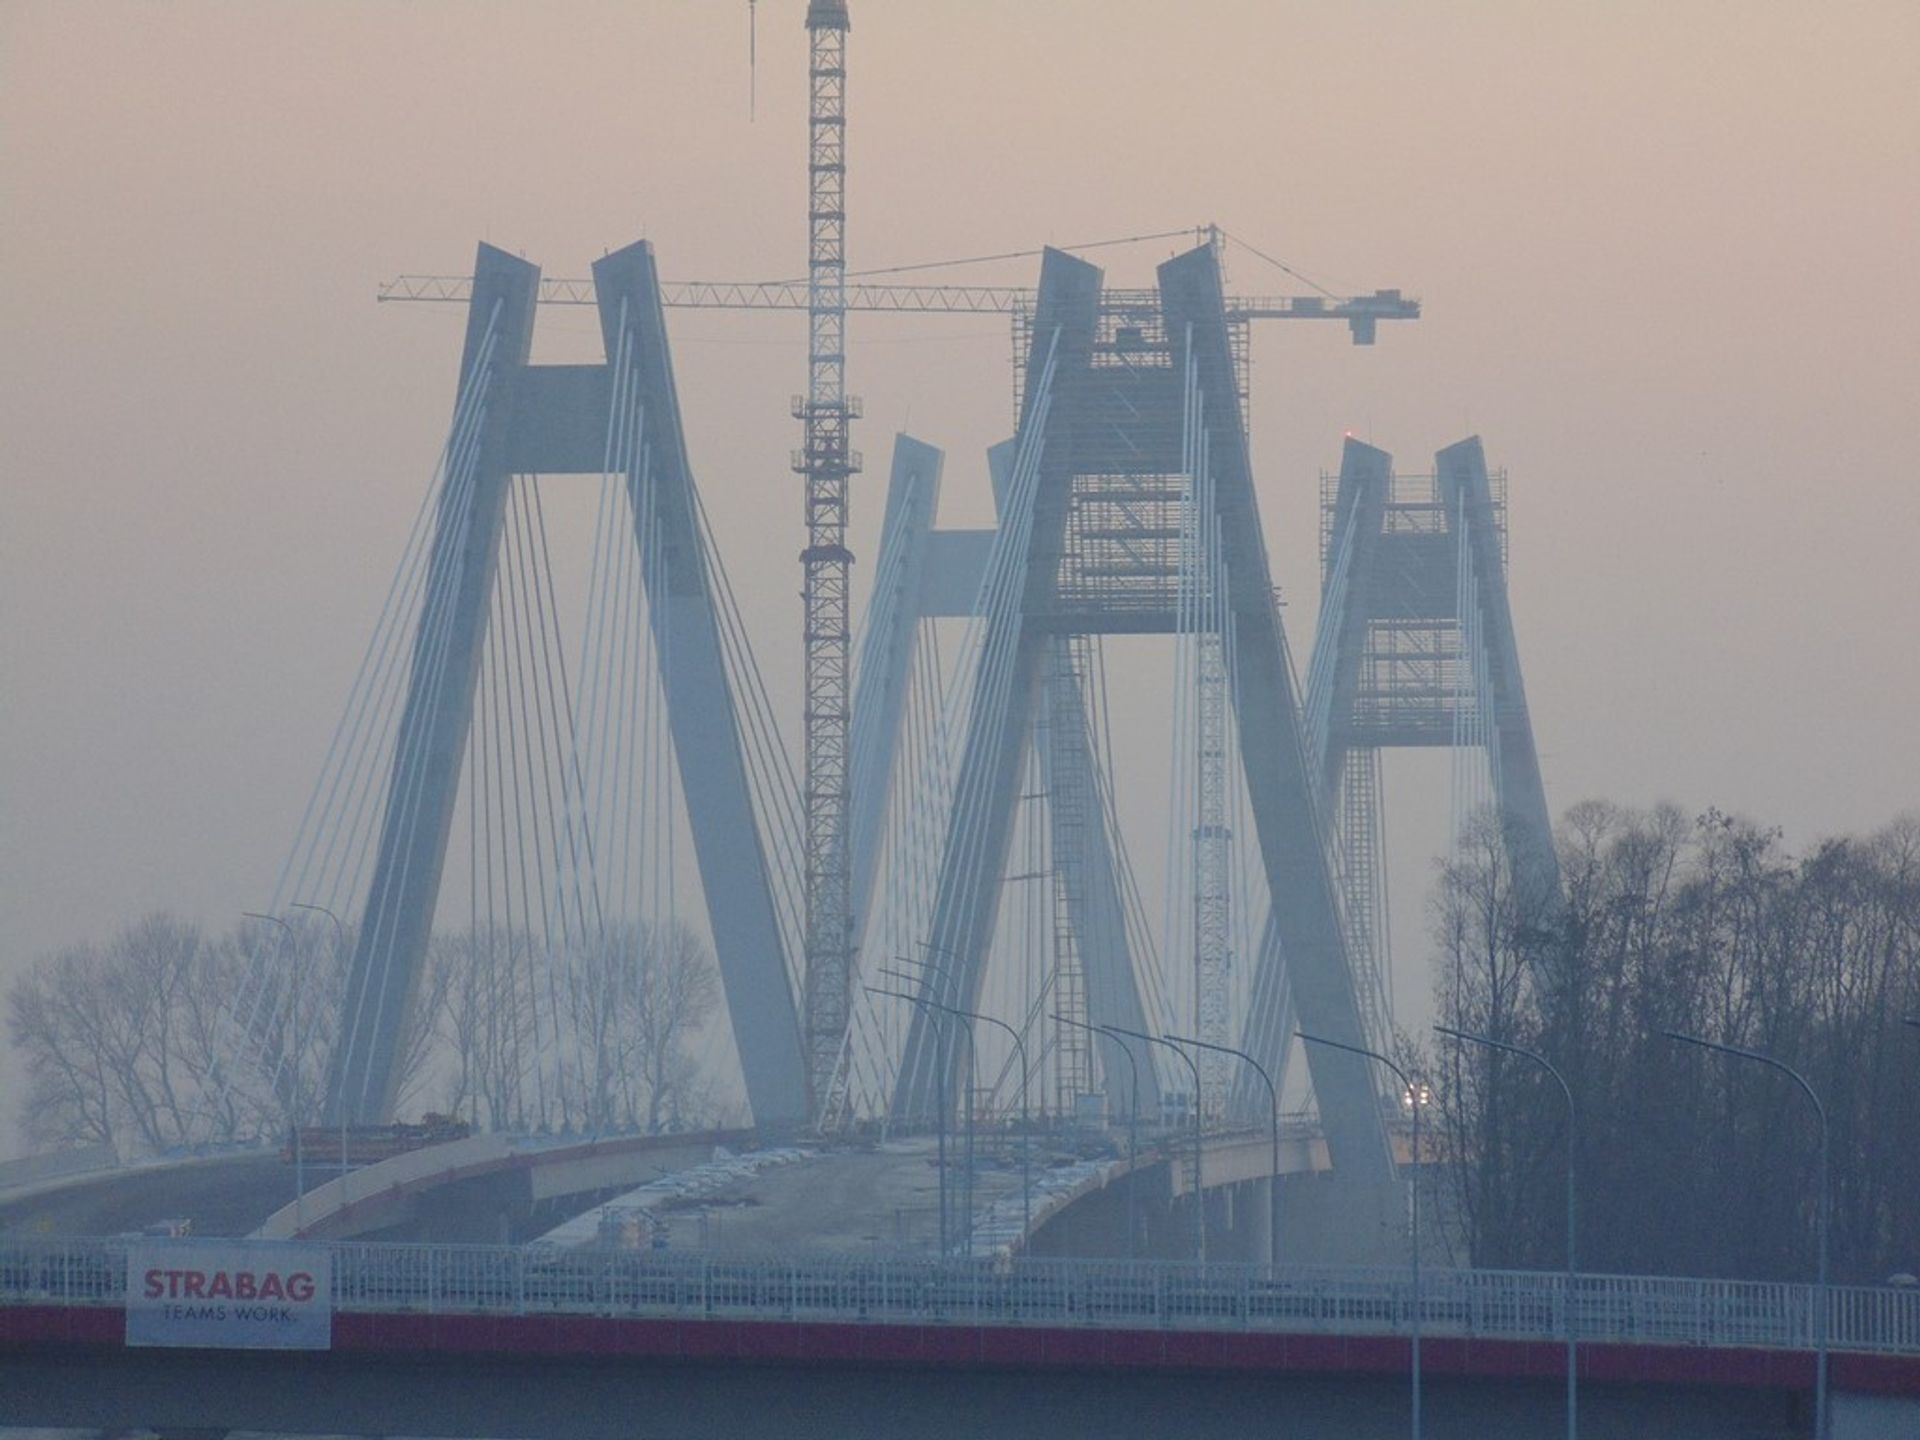 [Kraków] Nowy odcinek wschodniej obwodnicy Krakowa będzie gotowy w lipcu